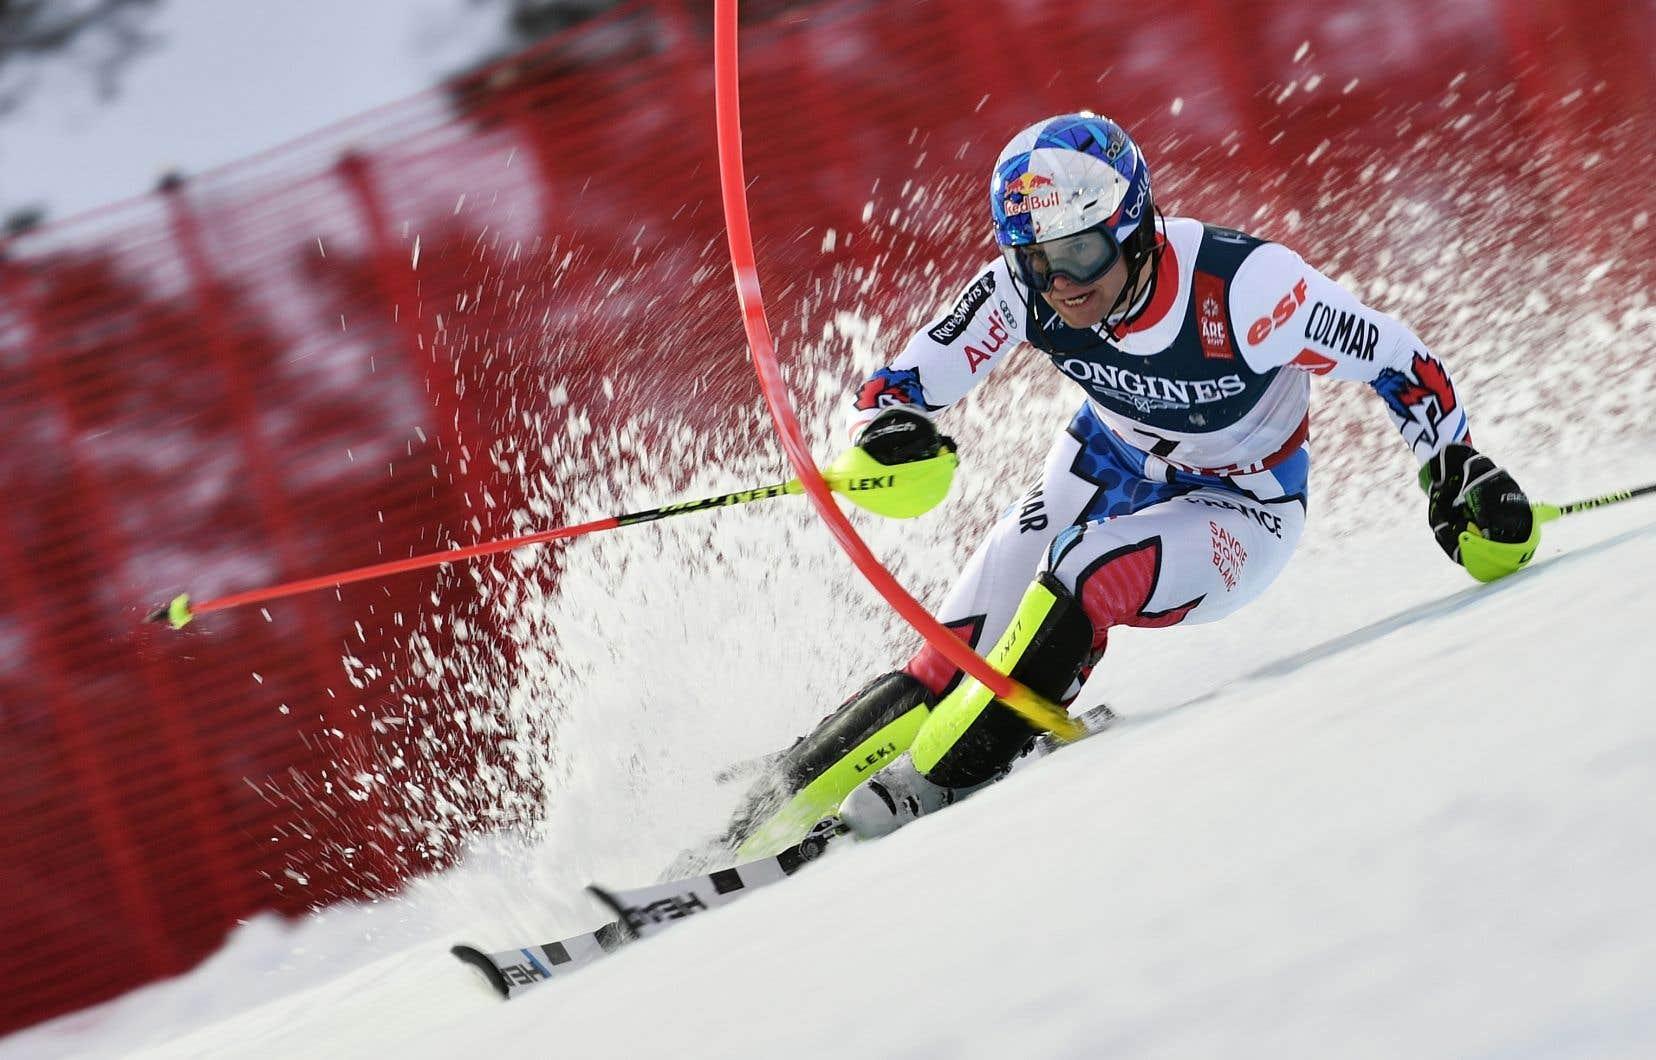 De ses trois podiums olympiques, Pinturault compte une médaille d'argent au combiné lors des Jeux de Pyeongchang l'année dernière.